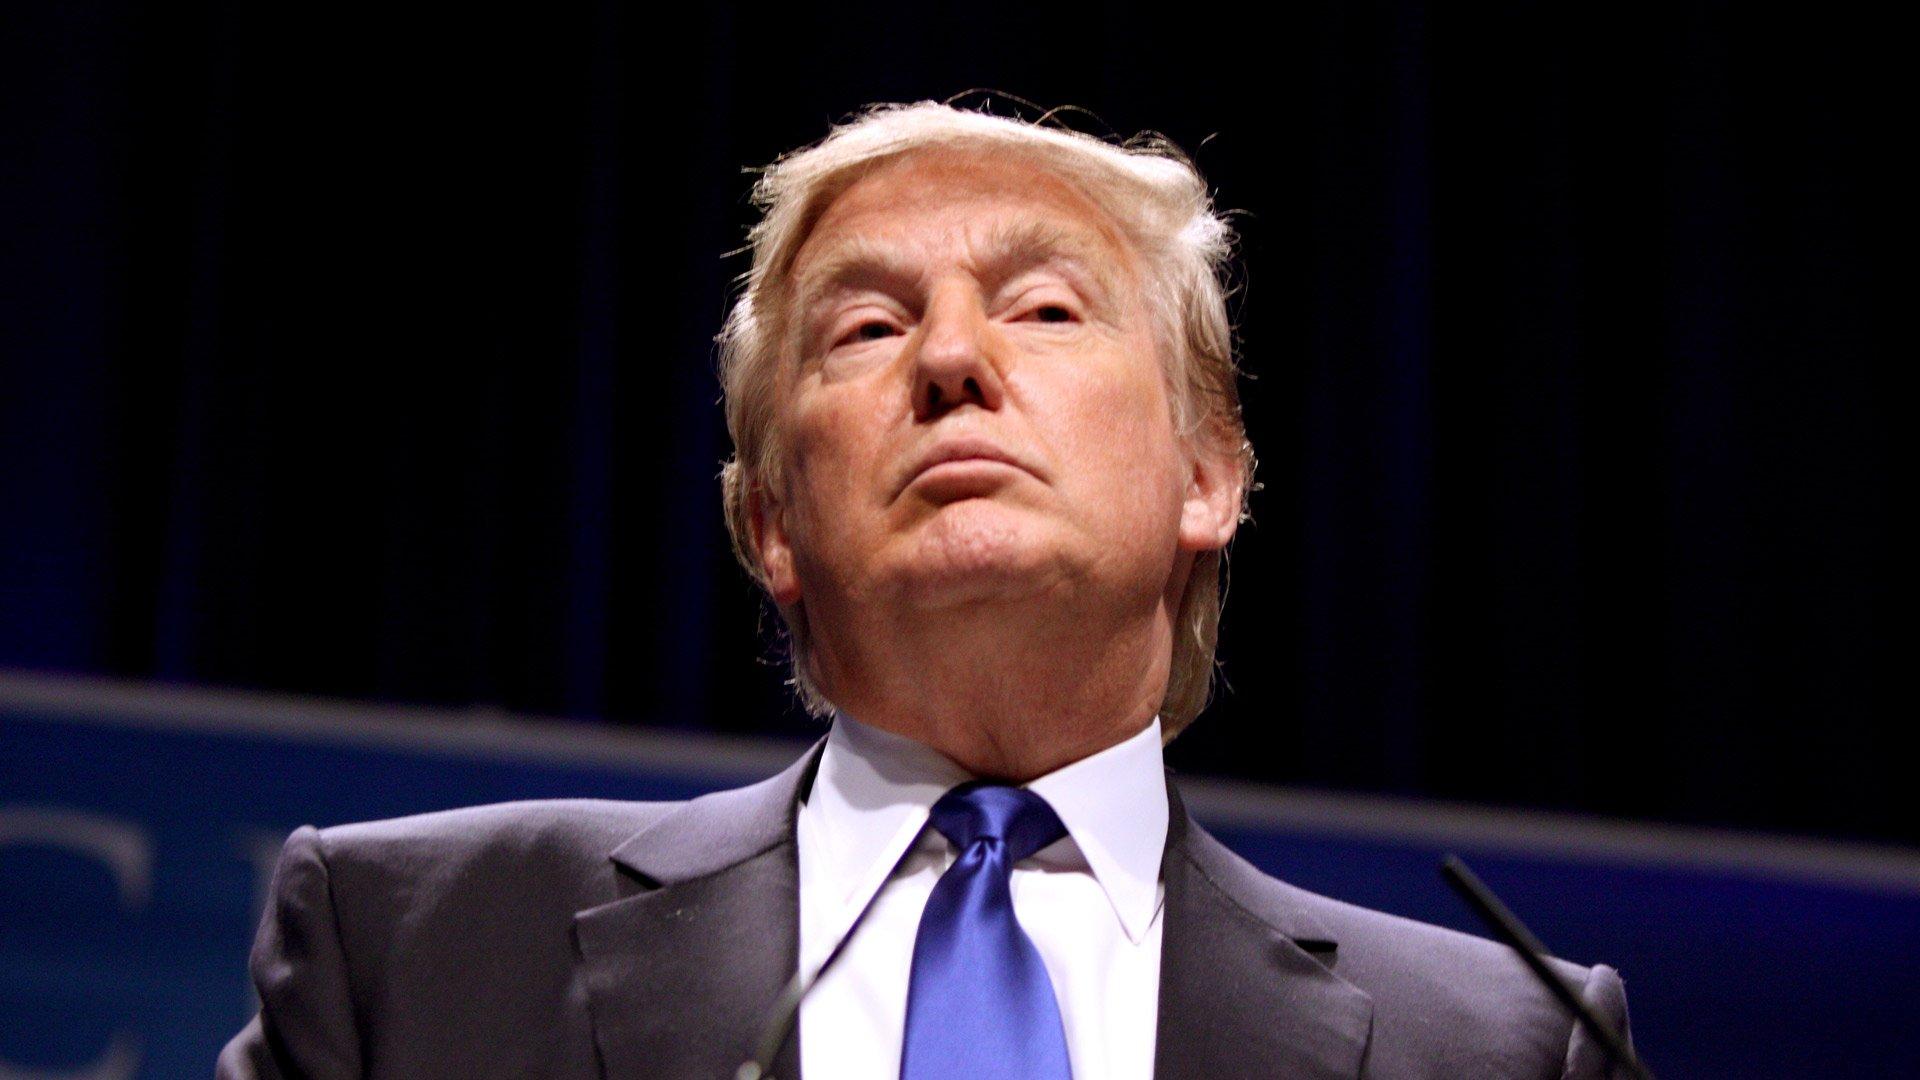 Врховниот суд даде дозвола за забраната на Трамп за влез на граѓани од шест муслимански земји